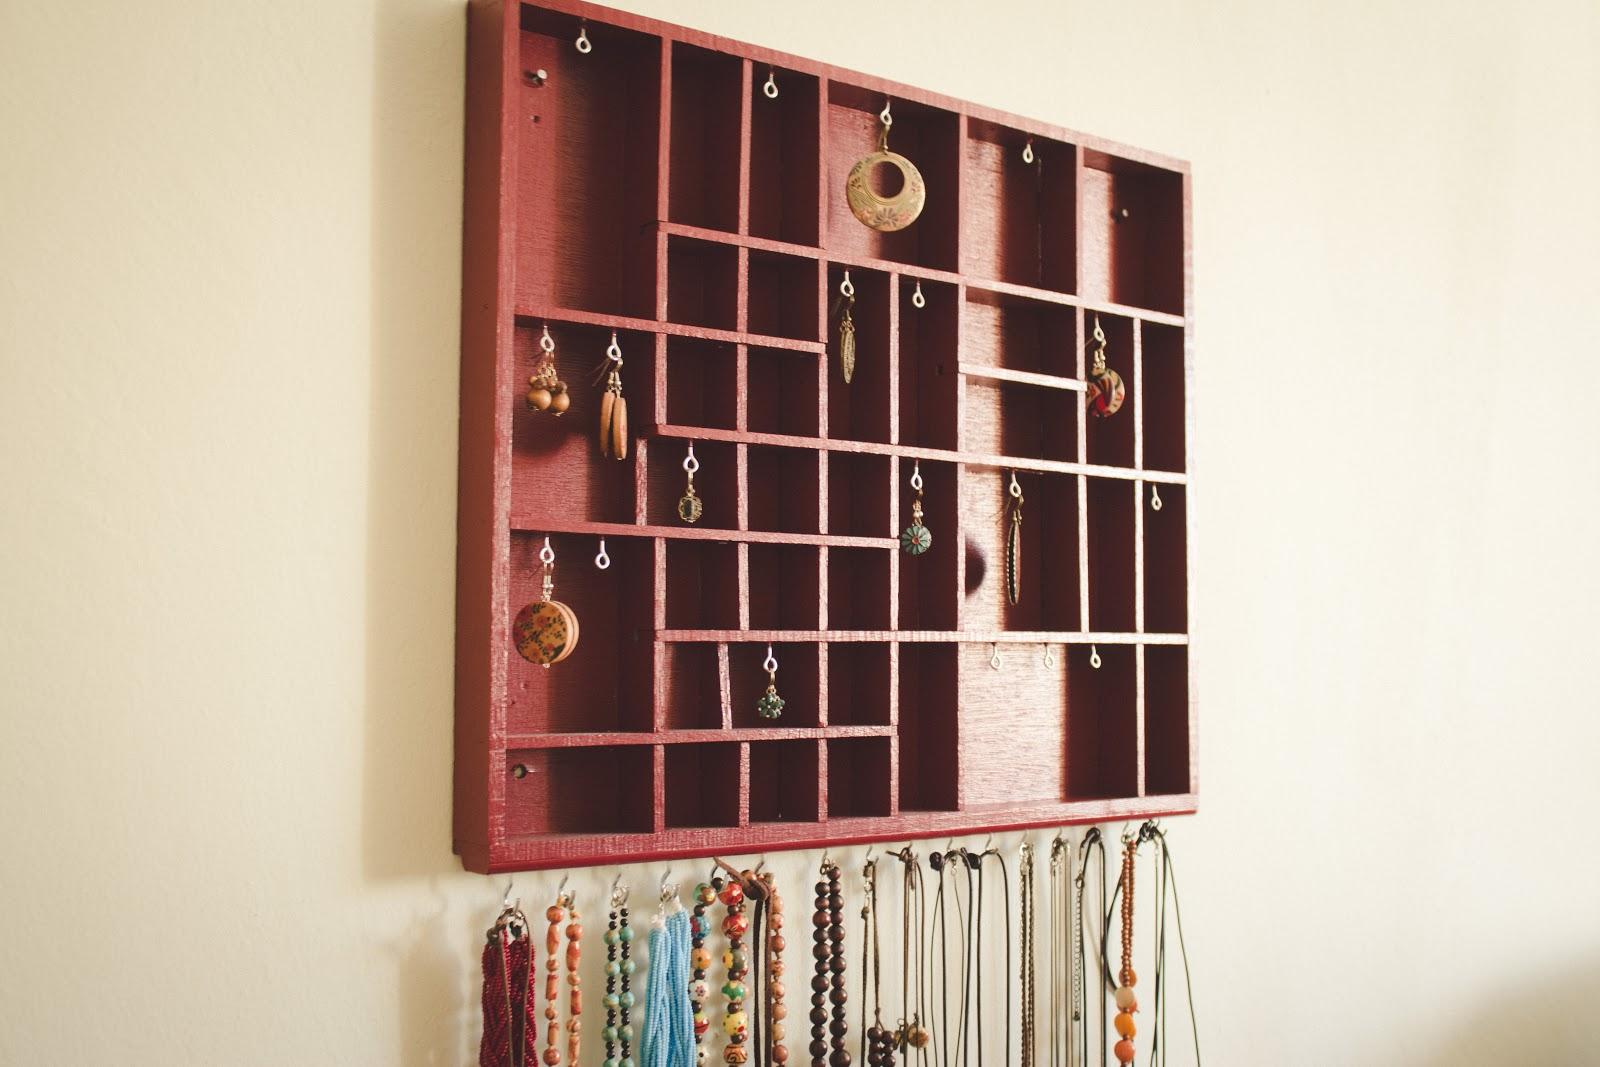 diy schmuckaufbewahrung aus einem alten setzkasten. Black Bedroom Furniture Sets. Home Design Ideas